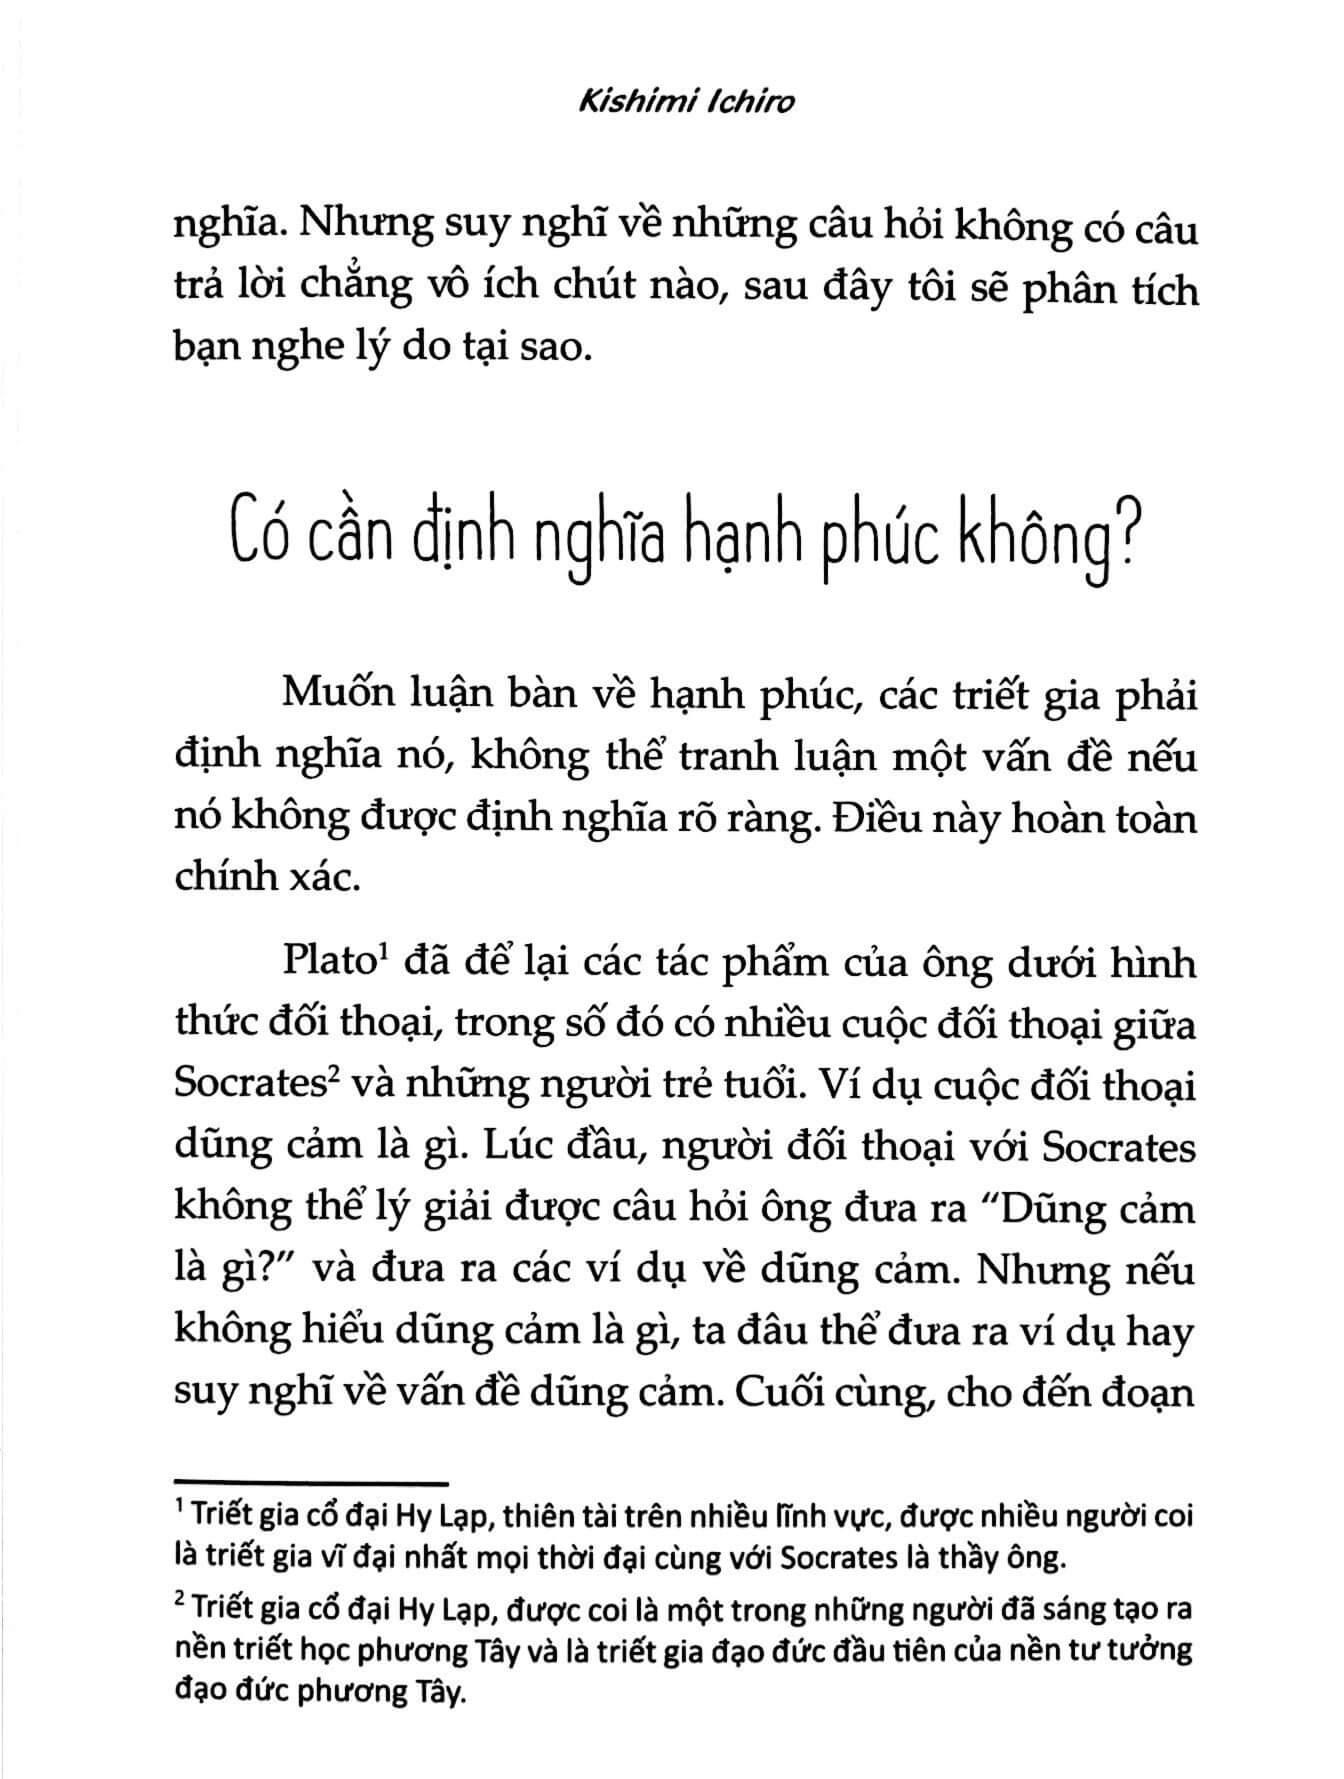 giờ chúng ta nói về hạnh phúc nhé 3 - Hãy Nói Về Hạnh Phúc, Đừng Nói Về Thành Công - Kishimi Ichiro